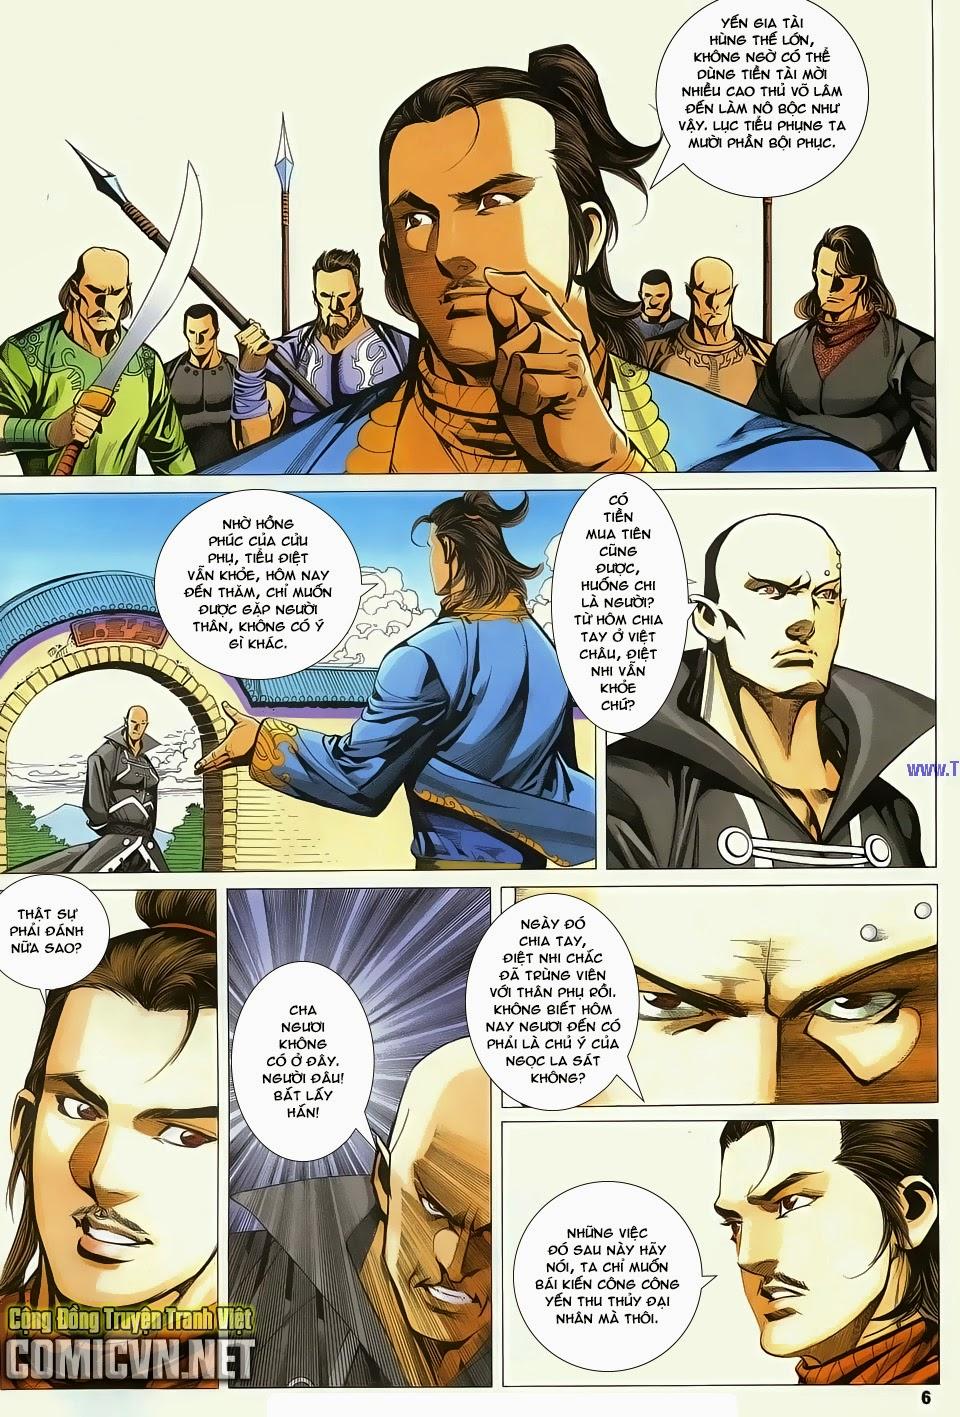 Cổ Long Quần Hiệp Truyện chap 83 - Trang 6